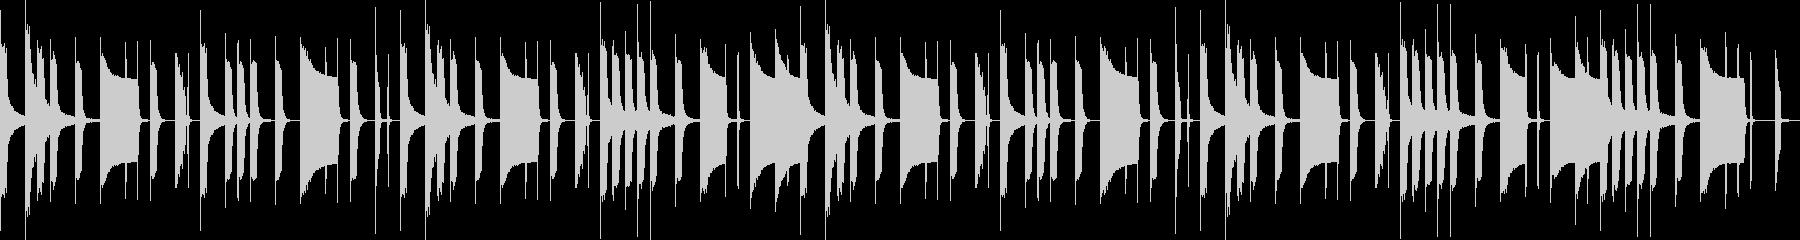 日常+いたずらっぽい雰囲気(ループ)の未再生の波形